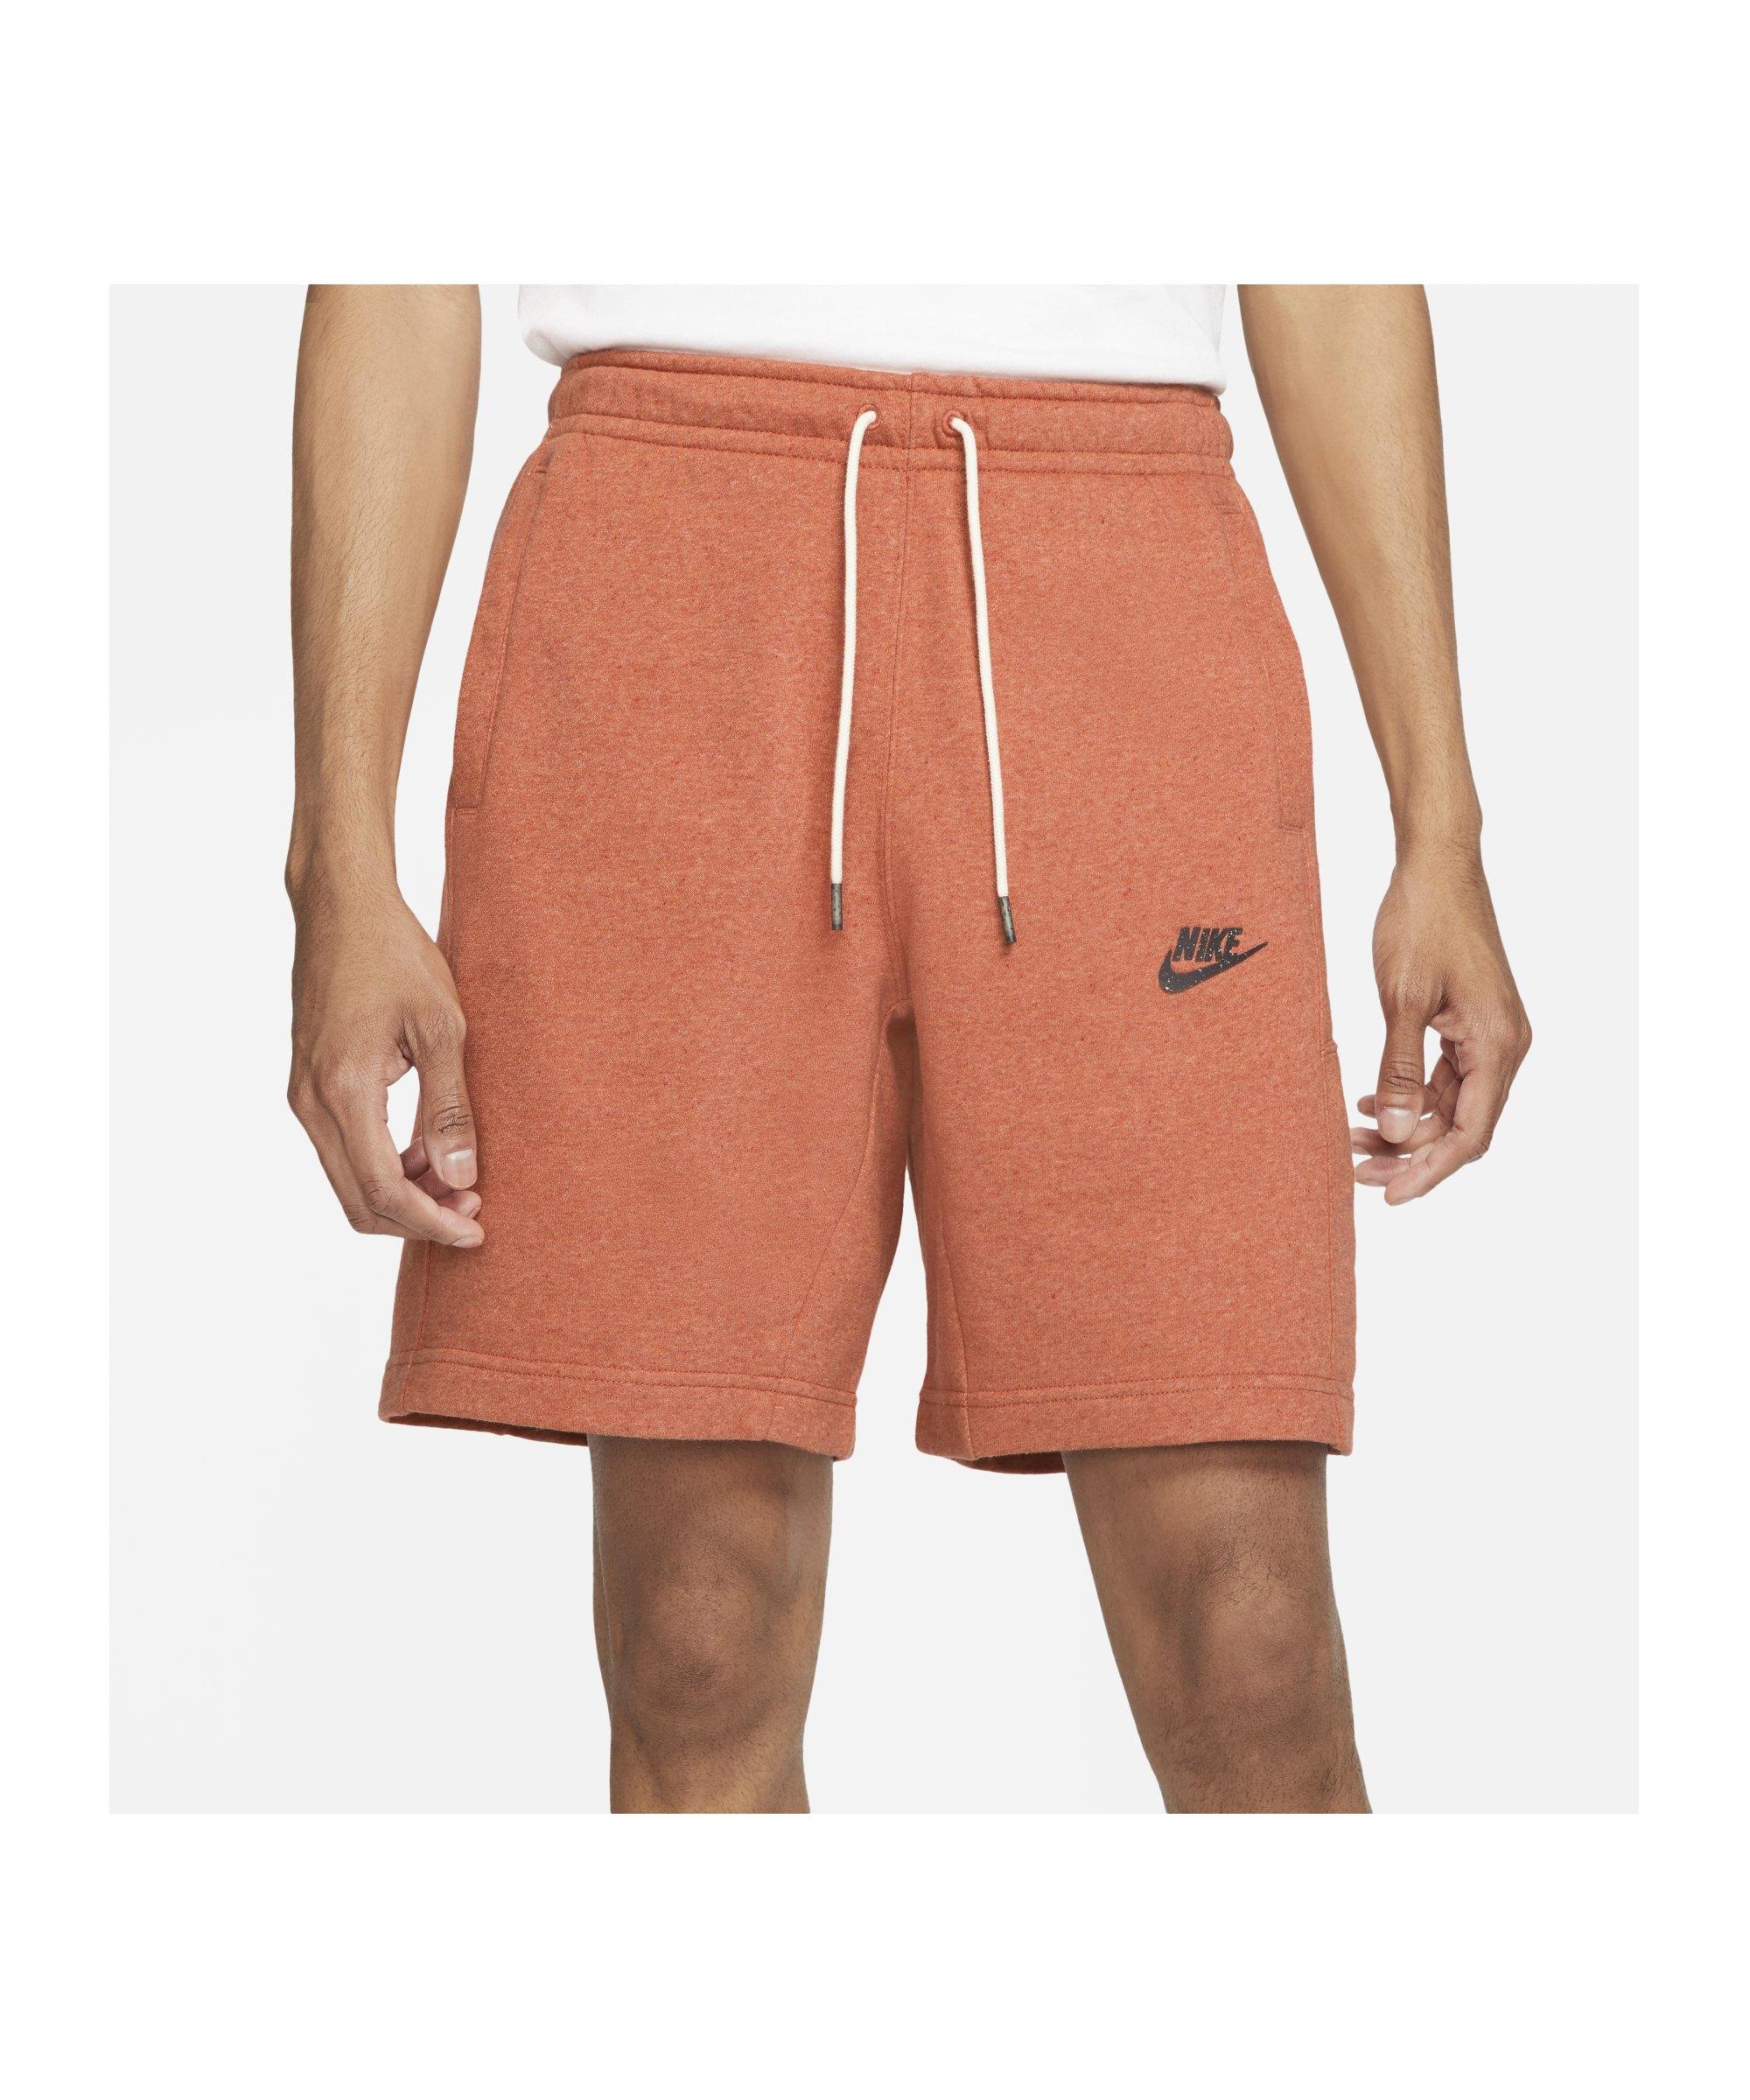 Nike Revival Short Orange F812 - orange